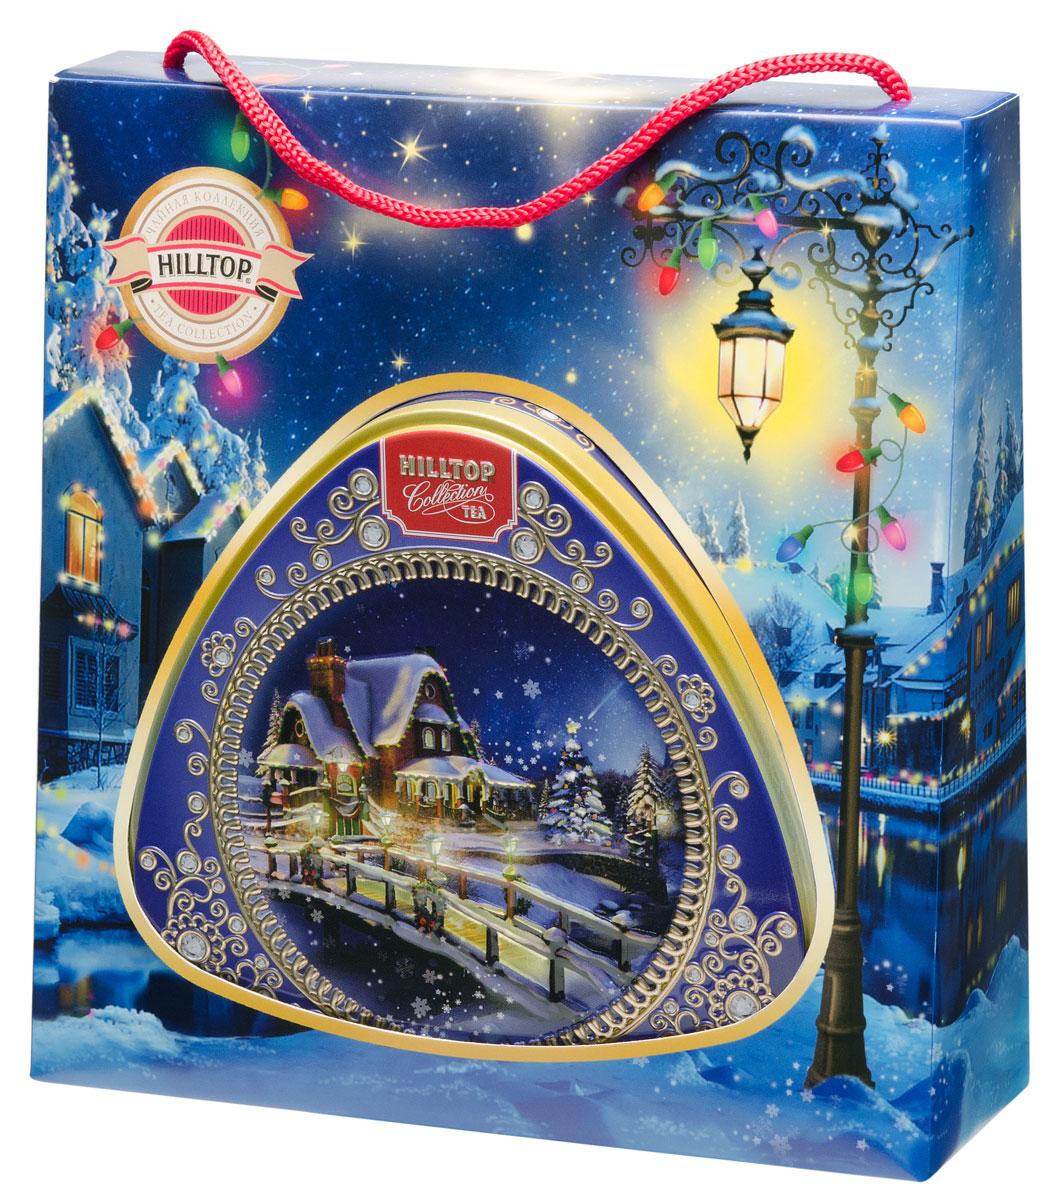 Hilltop Зимняя фантазия чайный набор4607099305960Крупнолистовой цейлонский черный чай Hilltop Зимняя фантазия в подарочной упаковке - прекрасный способ порадовать себя и своих близких в новогодние и рождественские праздники. Чай сароматом чабреца взбодрит и придаст сил на весь день. Красивая подарочная упаковка будет приятным дополнением незабываемому вкусу!